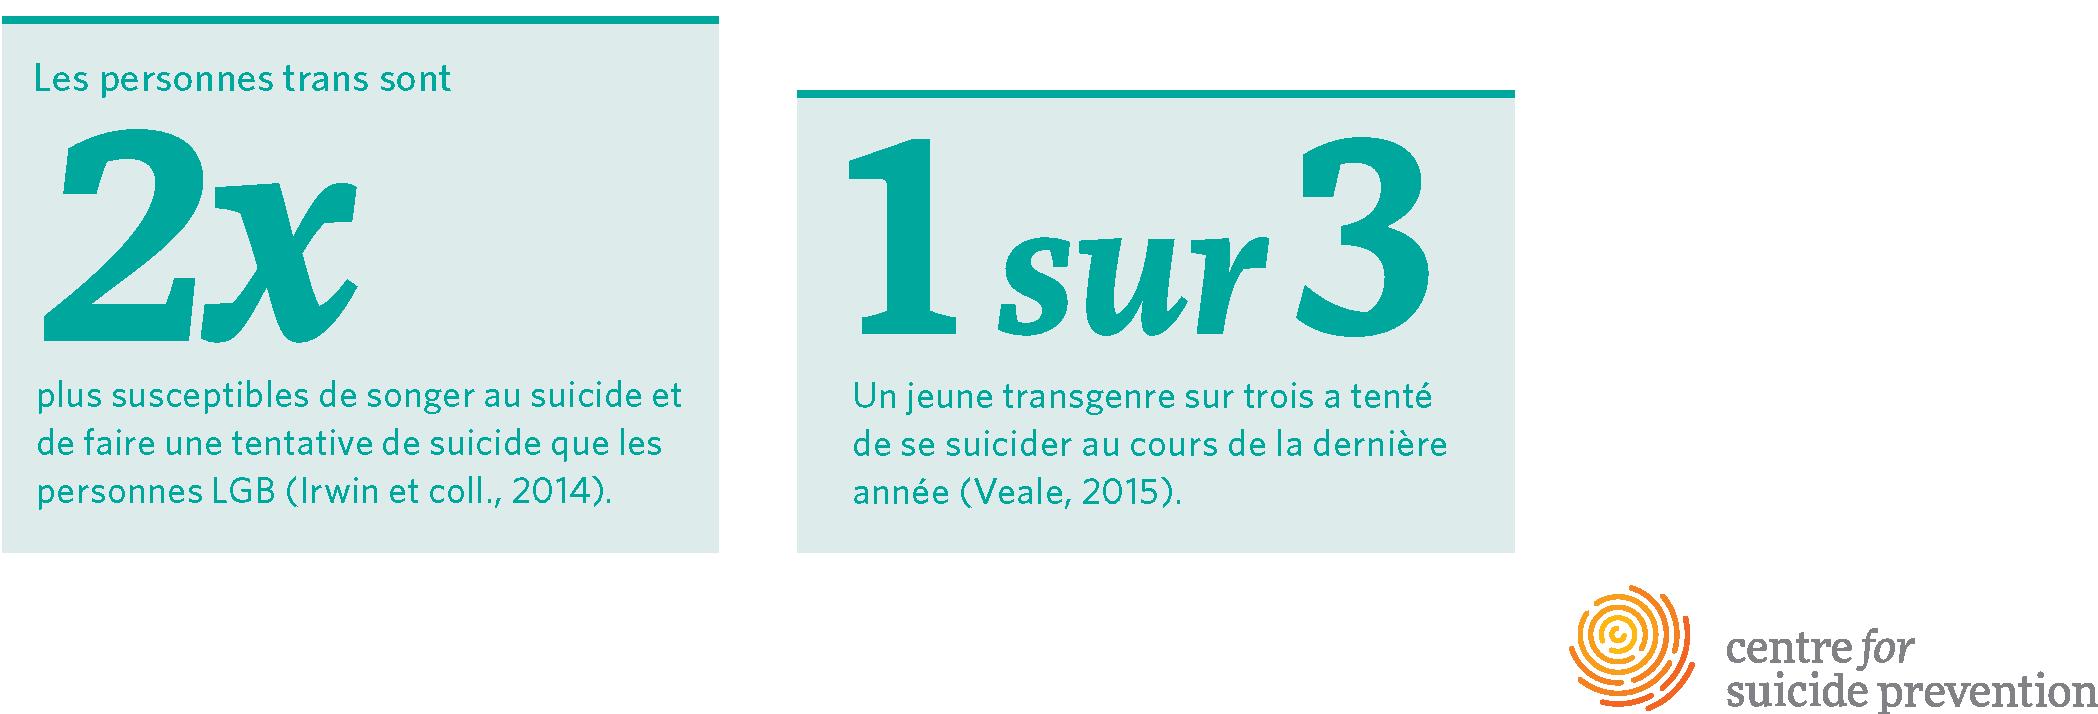 Un jeune transgenre sur trois a tenté de se suicider au cours de la dernière année (Veale, 2015). Les personnes trans sont deux fois plus susceptibles de songer au suicide et de faire une tentative de suicide que les personnes LGB (Irwin et coll., 2014). Chez les personnes en transition, 67% pensaient au suicide avant les interventions médicales, mais seulement 3% y songeaient après leur transition (Bailey et coll., 2014).